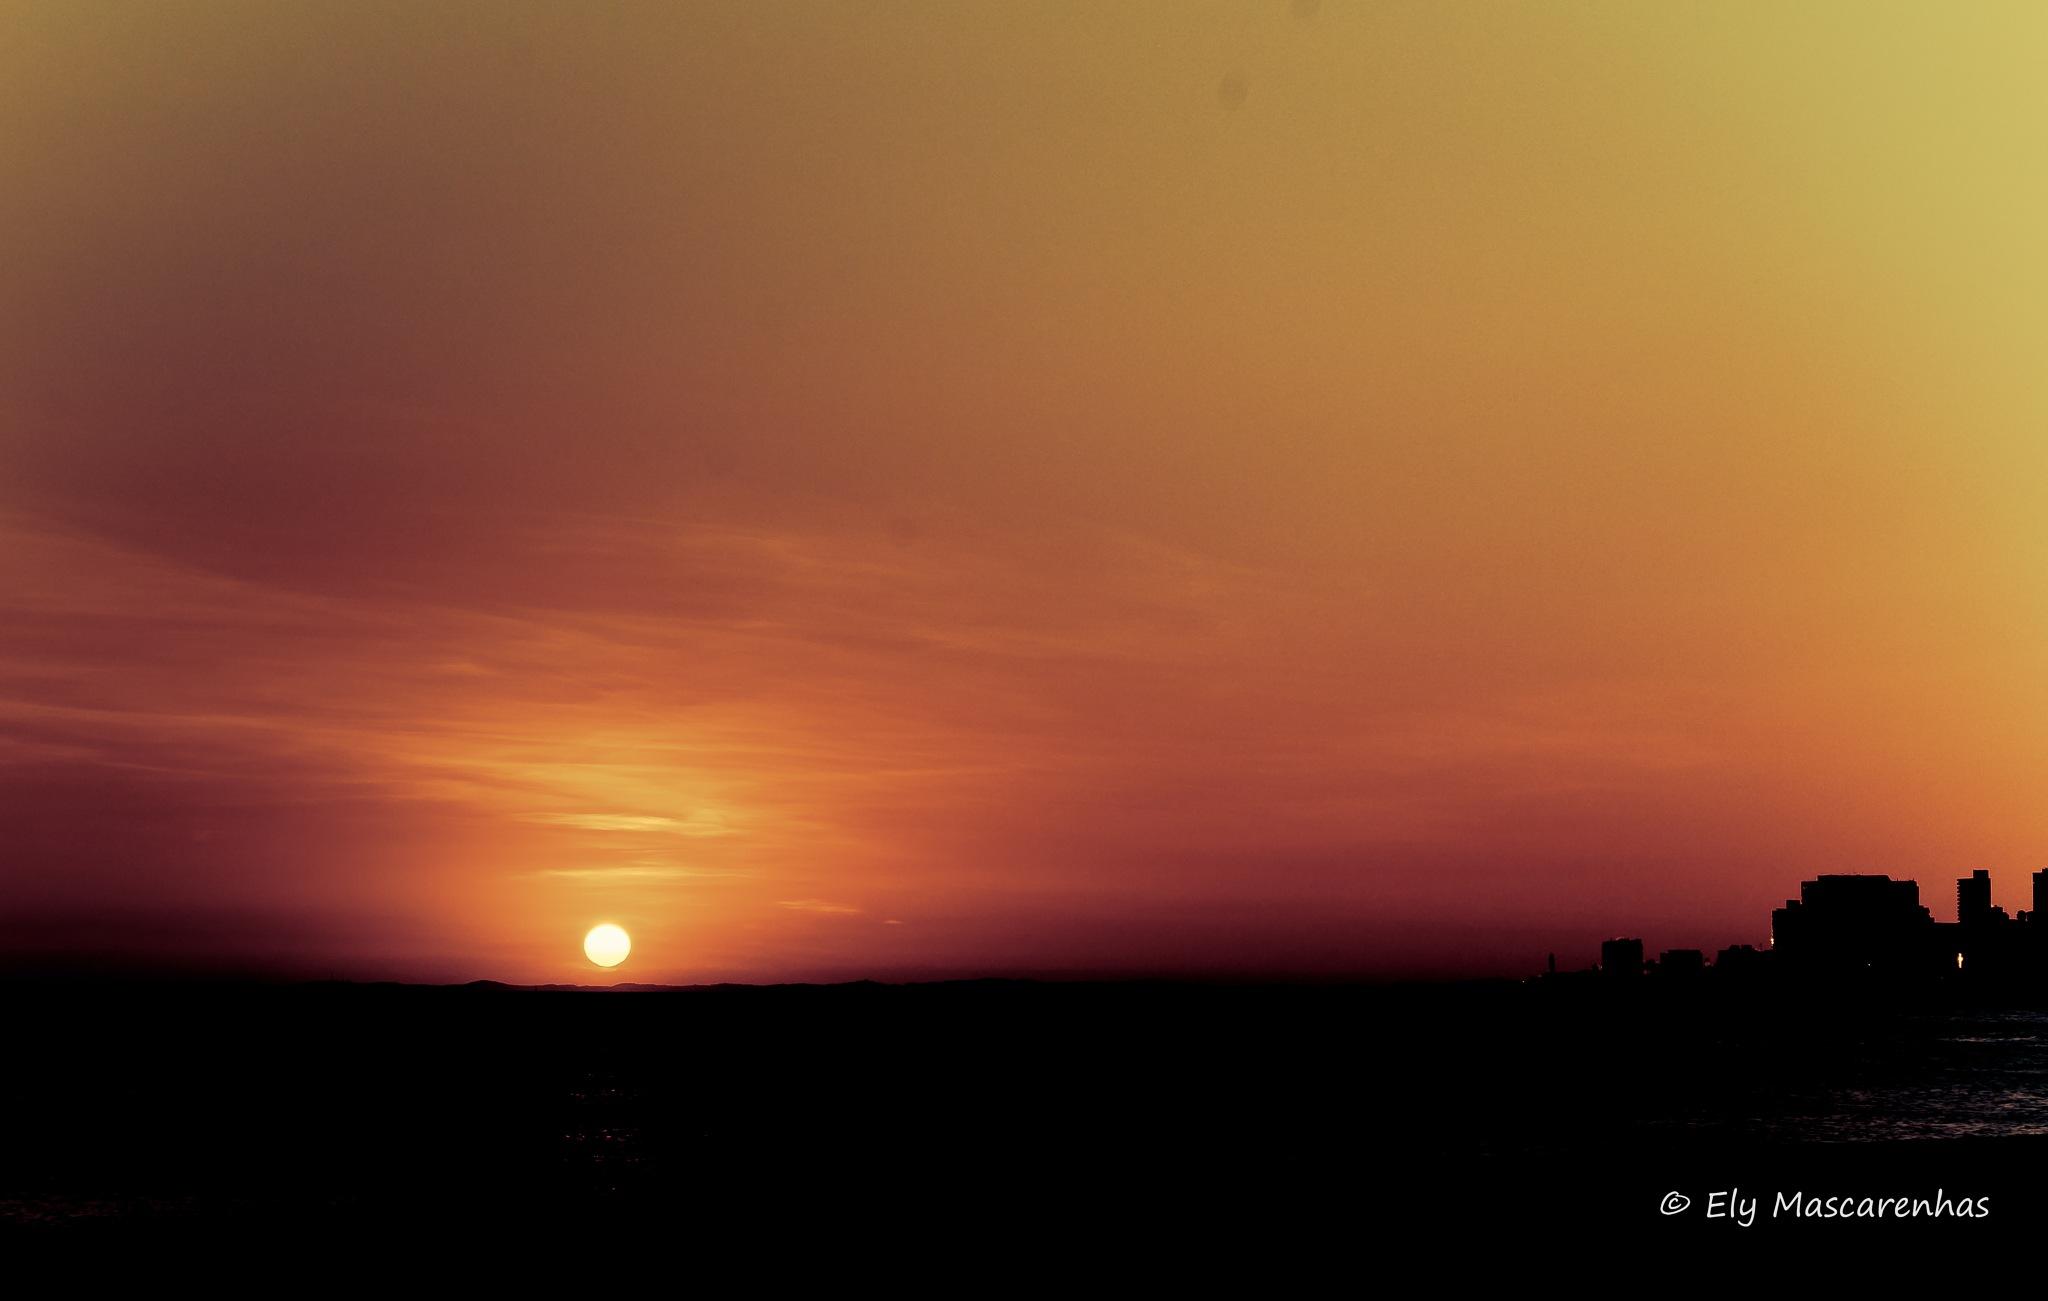 Minimalist Sunset by Ely Mascarenhas